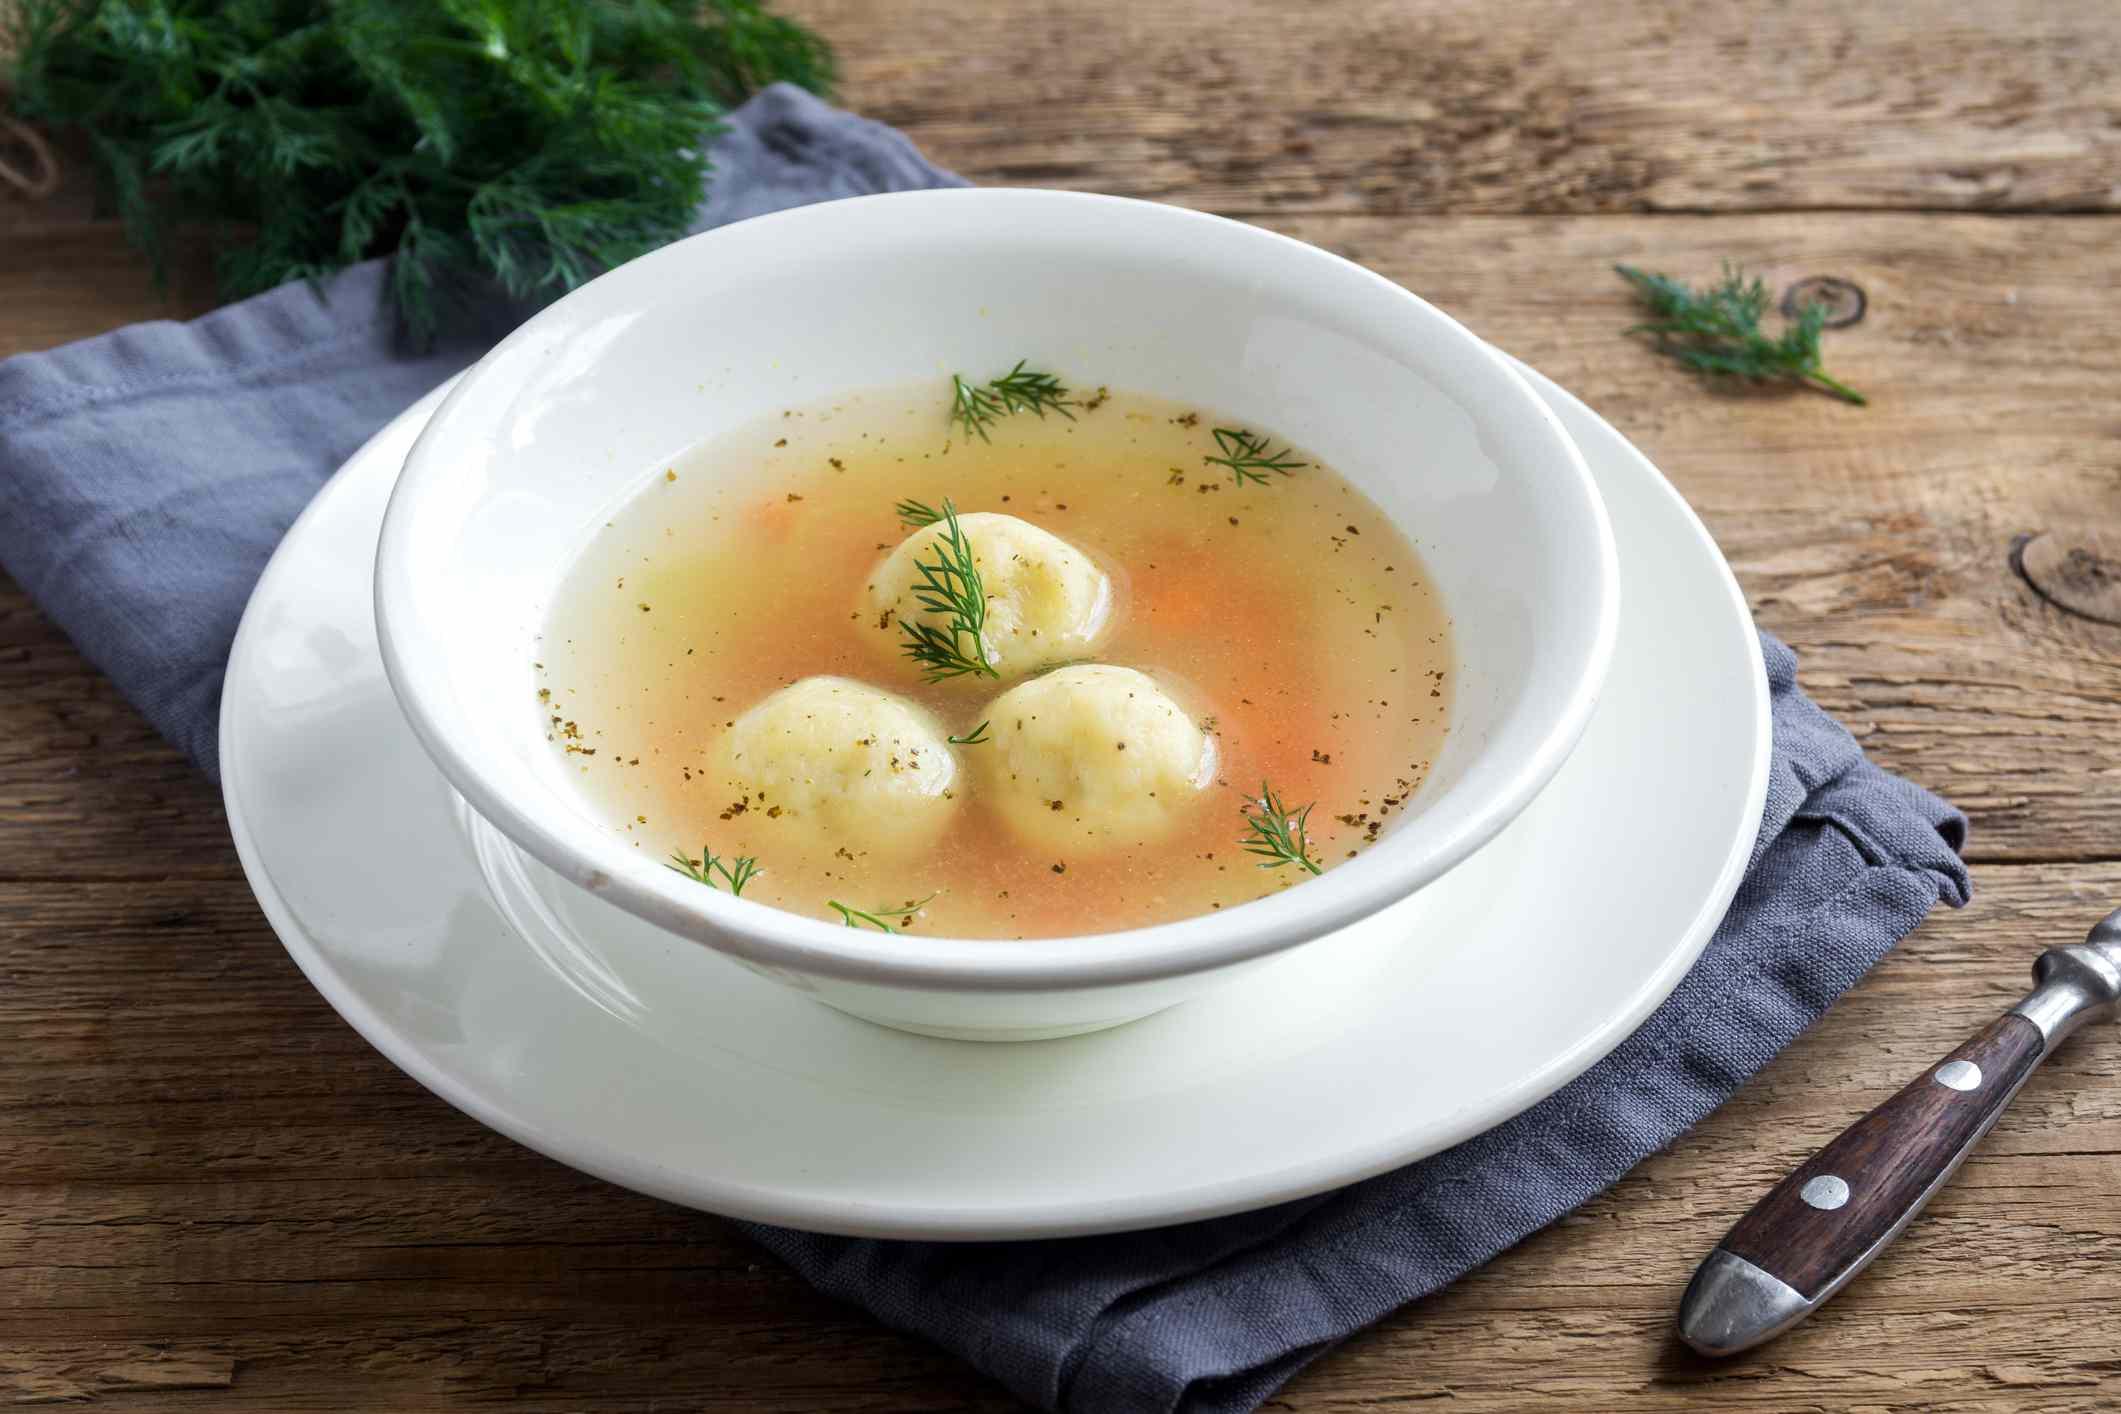 No-chicken matzo ball soup in a bowl